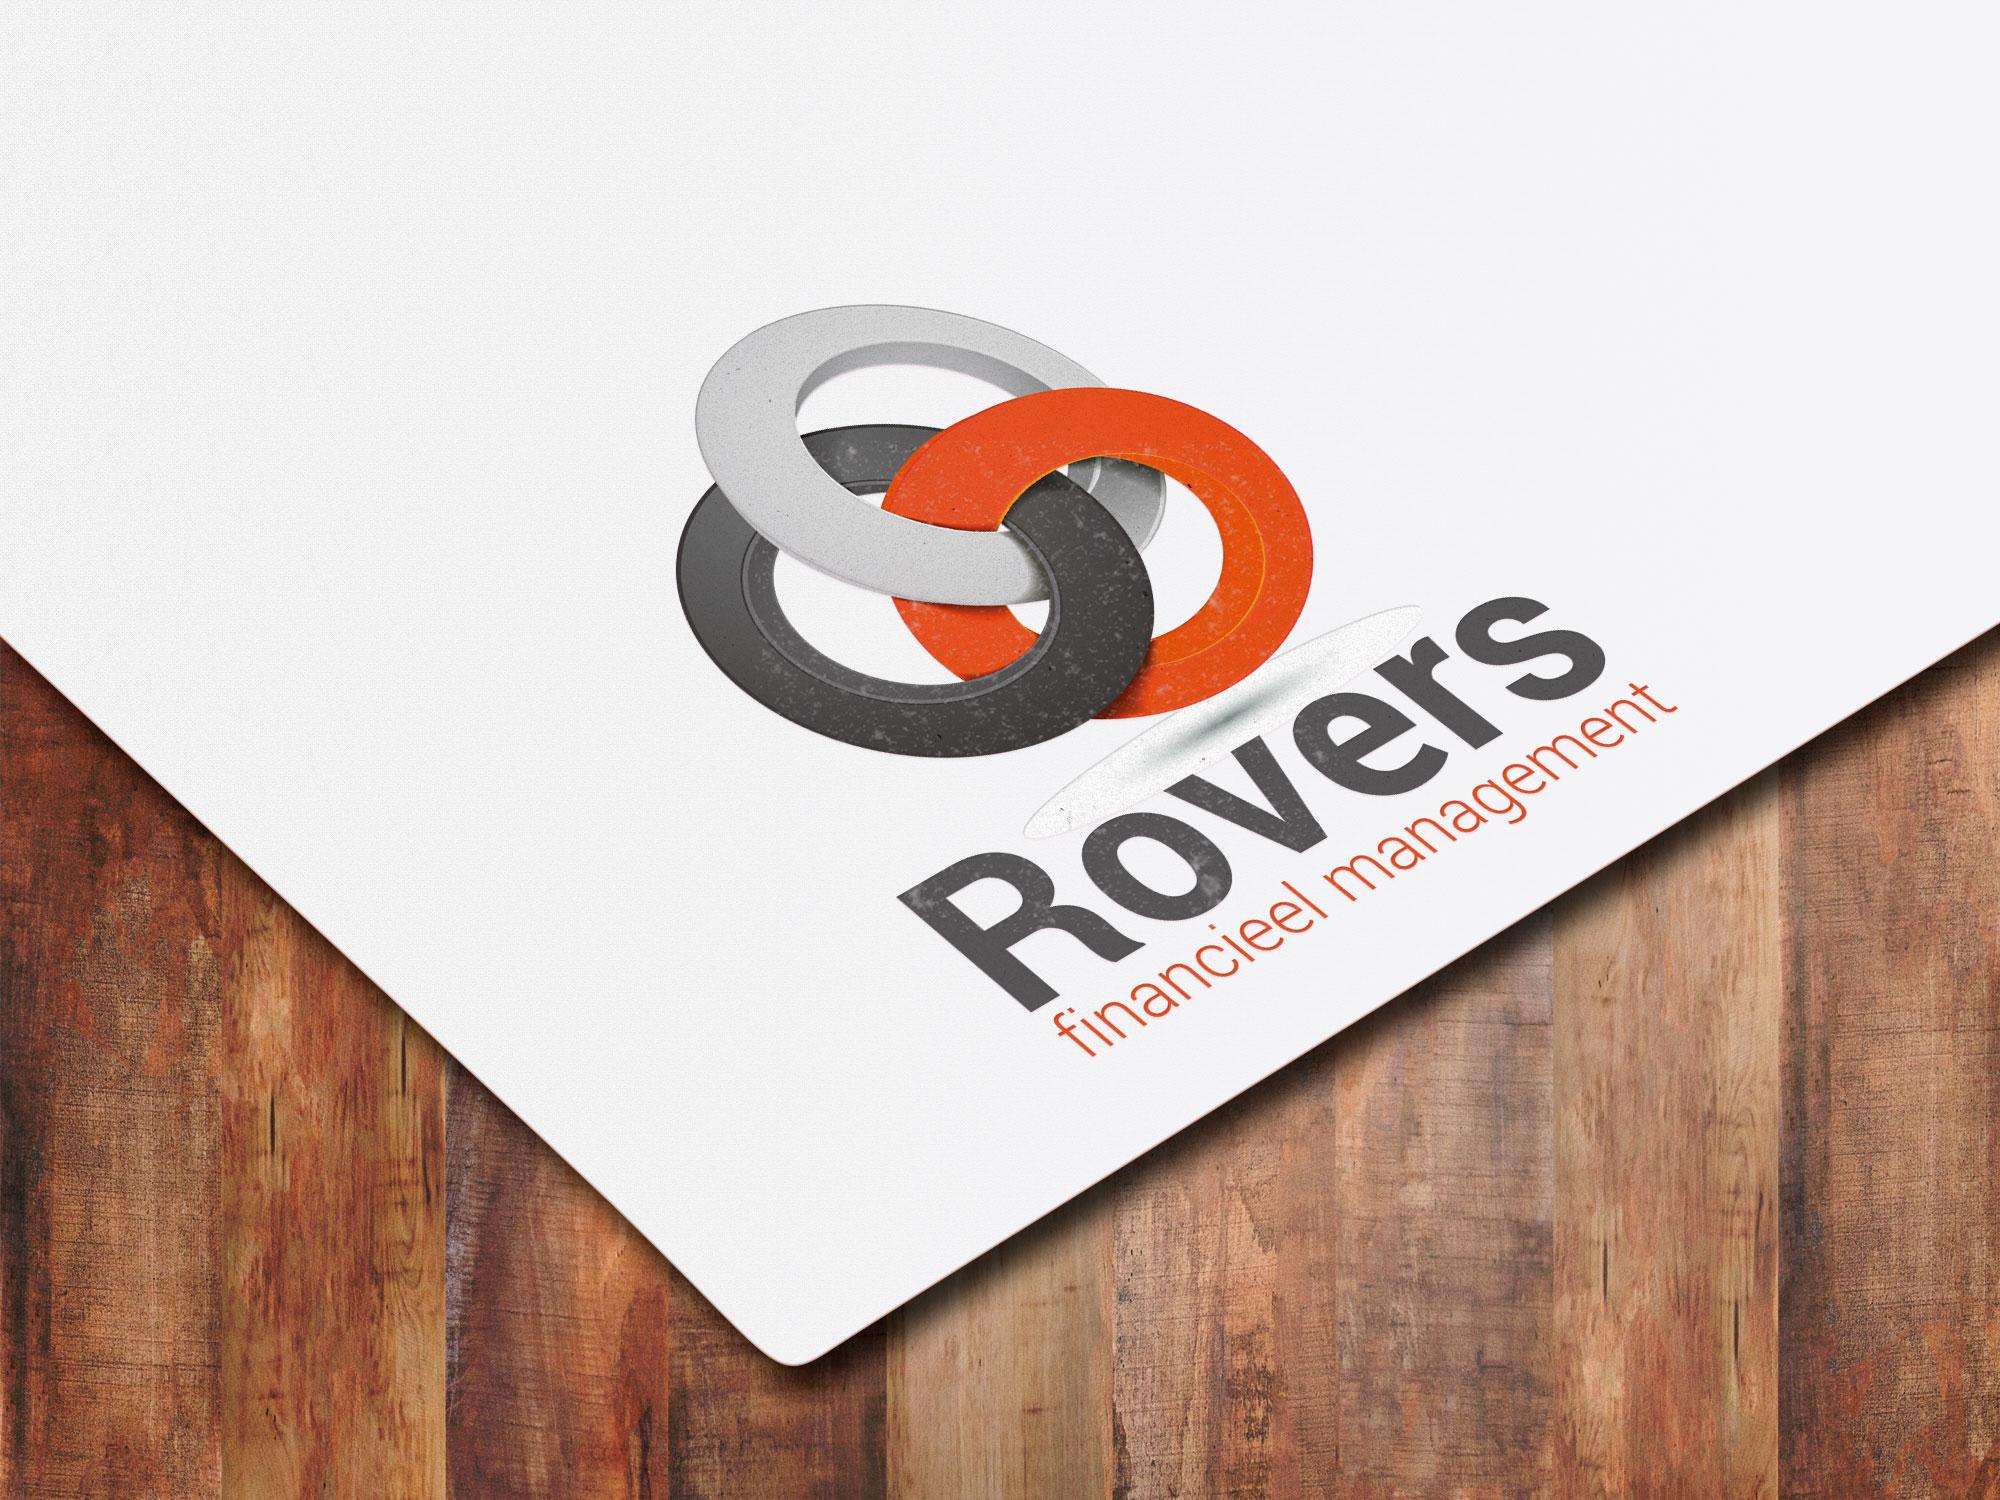 Logo ontwerp Rovers financieel management